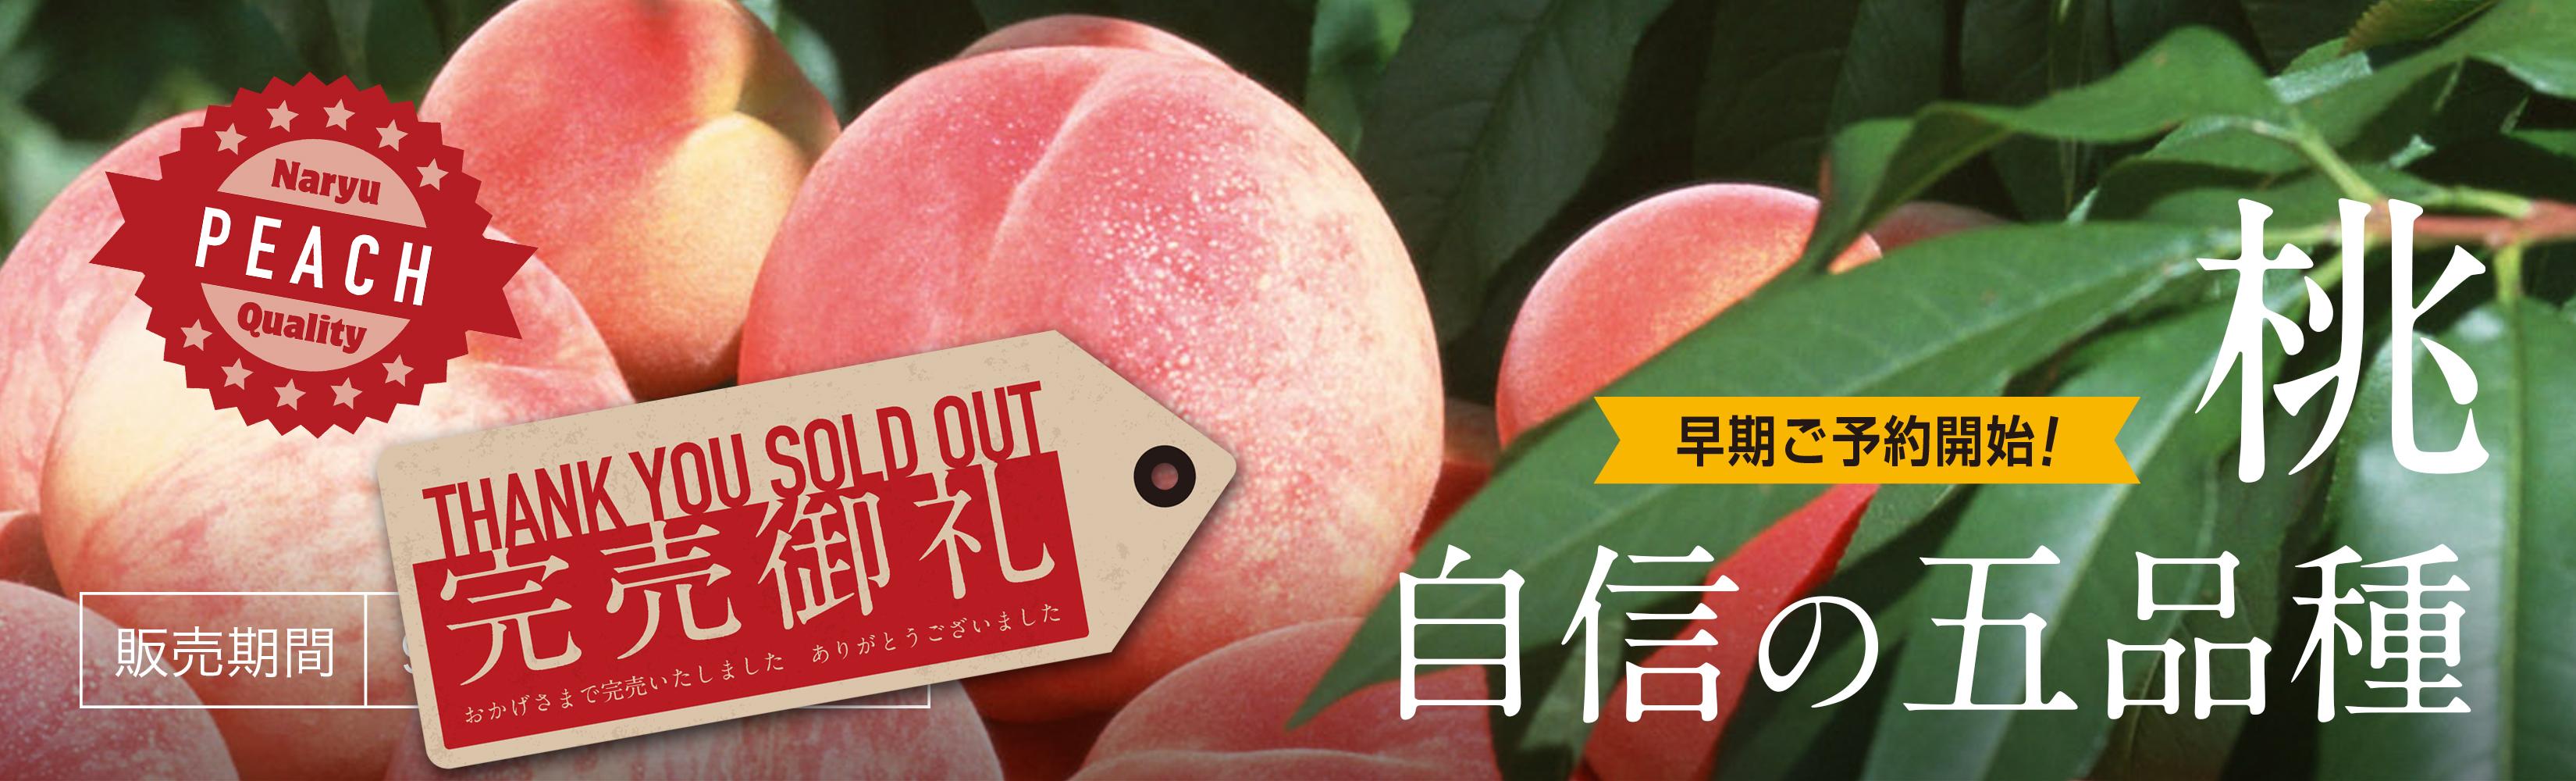 成生土づくり研究会が自信を持って提供する「五種の桃」